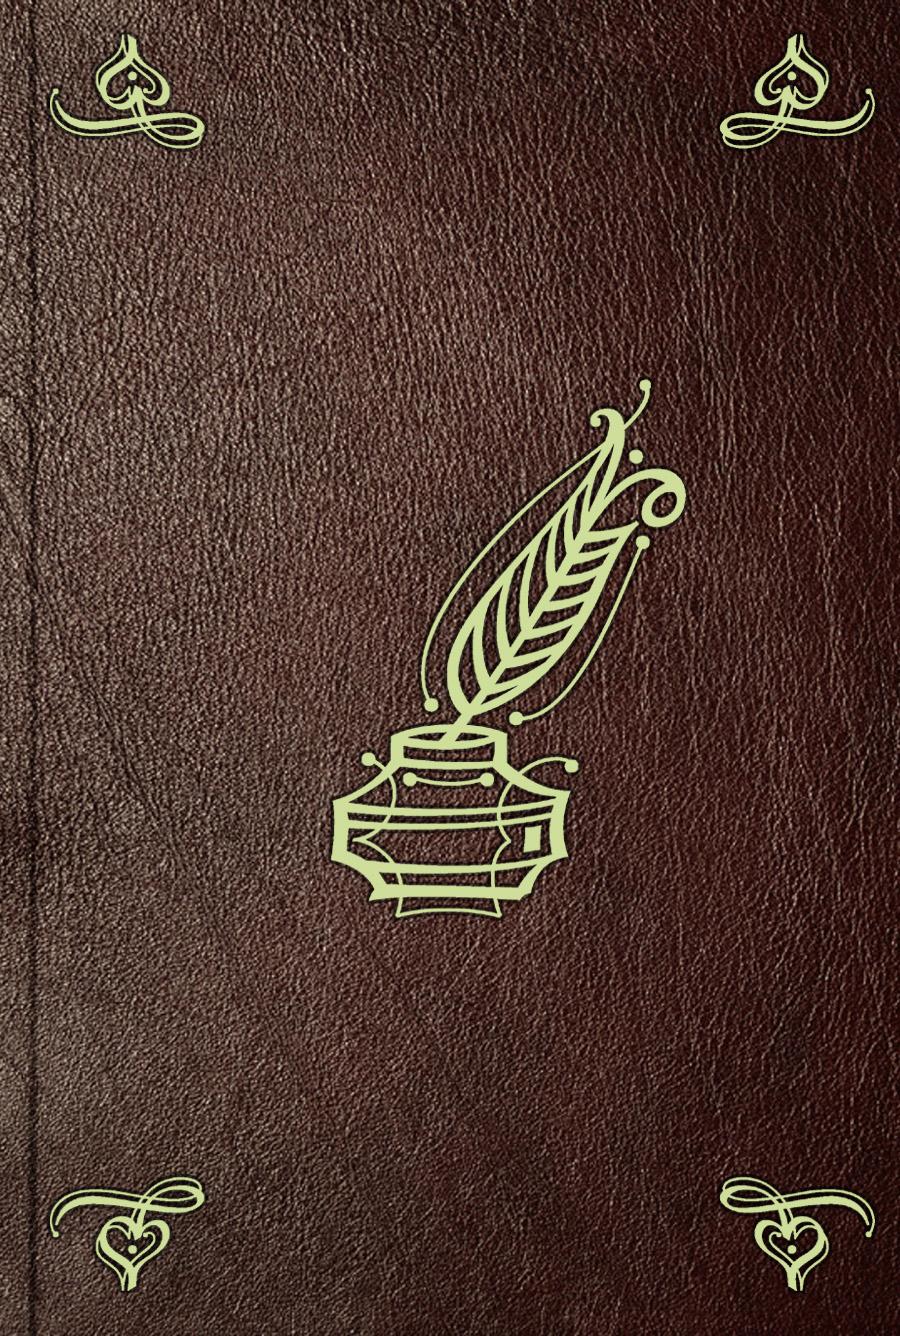 Эрнст Гофман E. T. A. Hoffmann's Ausgewählte Schriften Bd. 2 christian jacob kraus vermischte schriften über staatswirtschaftliche philosophische und andere gegenstände bd 4 t 2